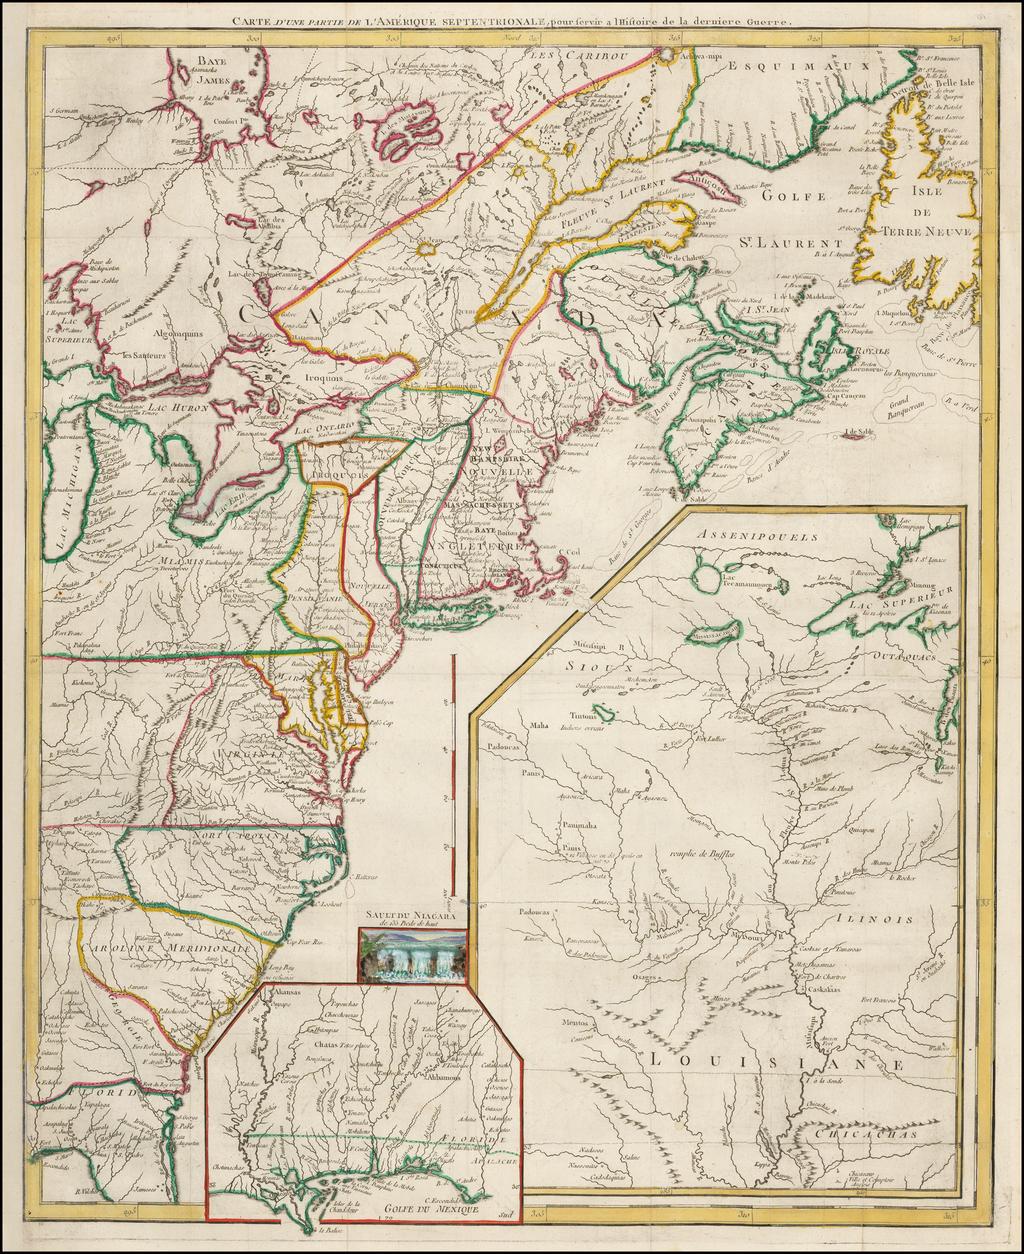 Carte D'Une Partie De L'Amerique Septentrionale pour servir a l'Histoire derniere Guerre By George Louis Le Rouge